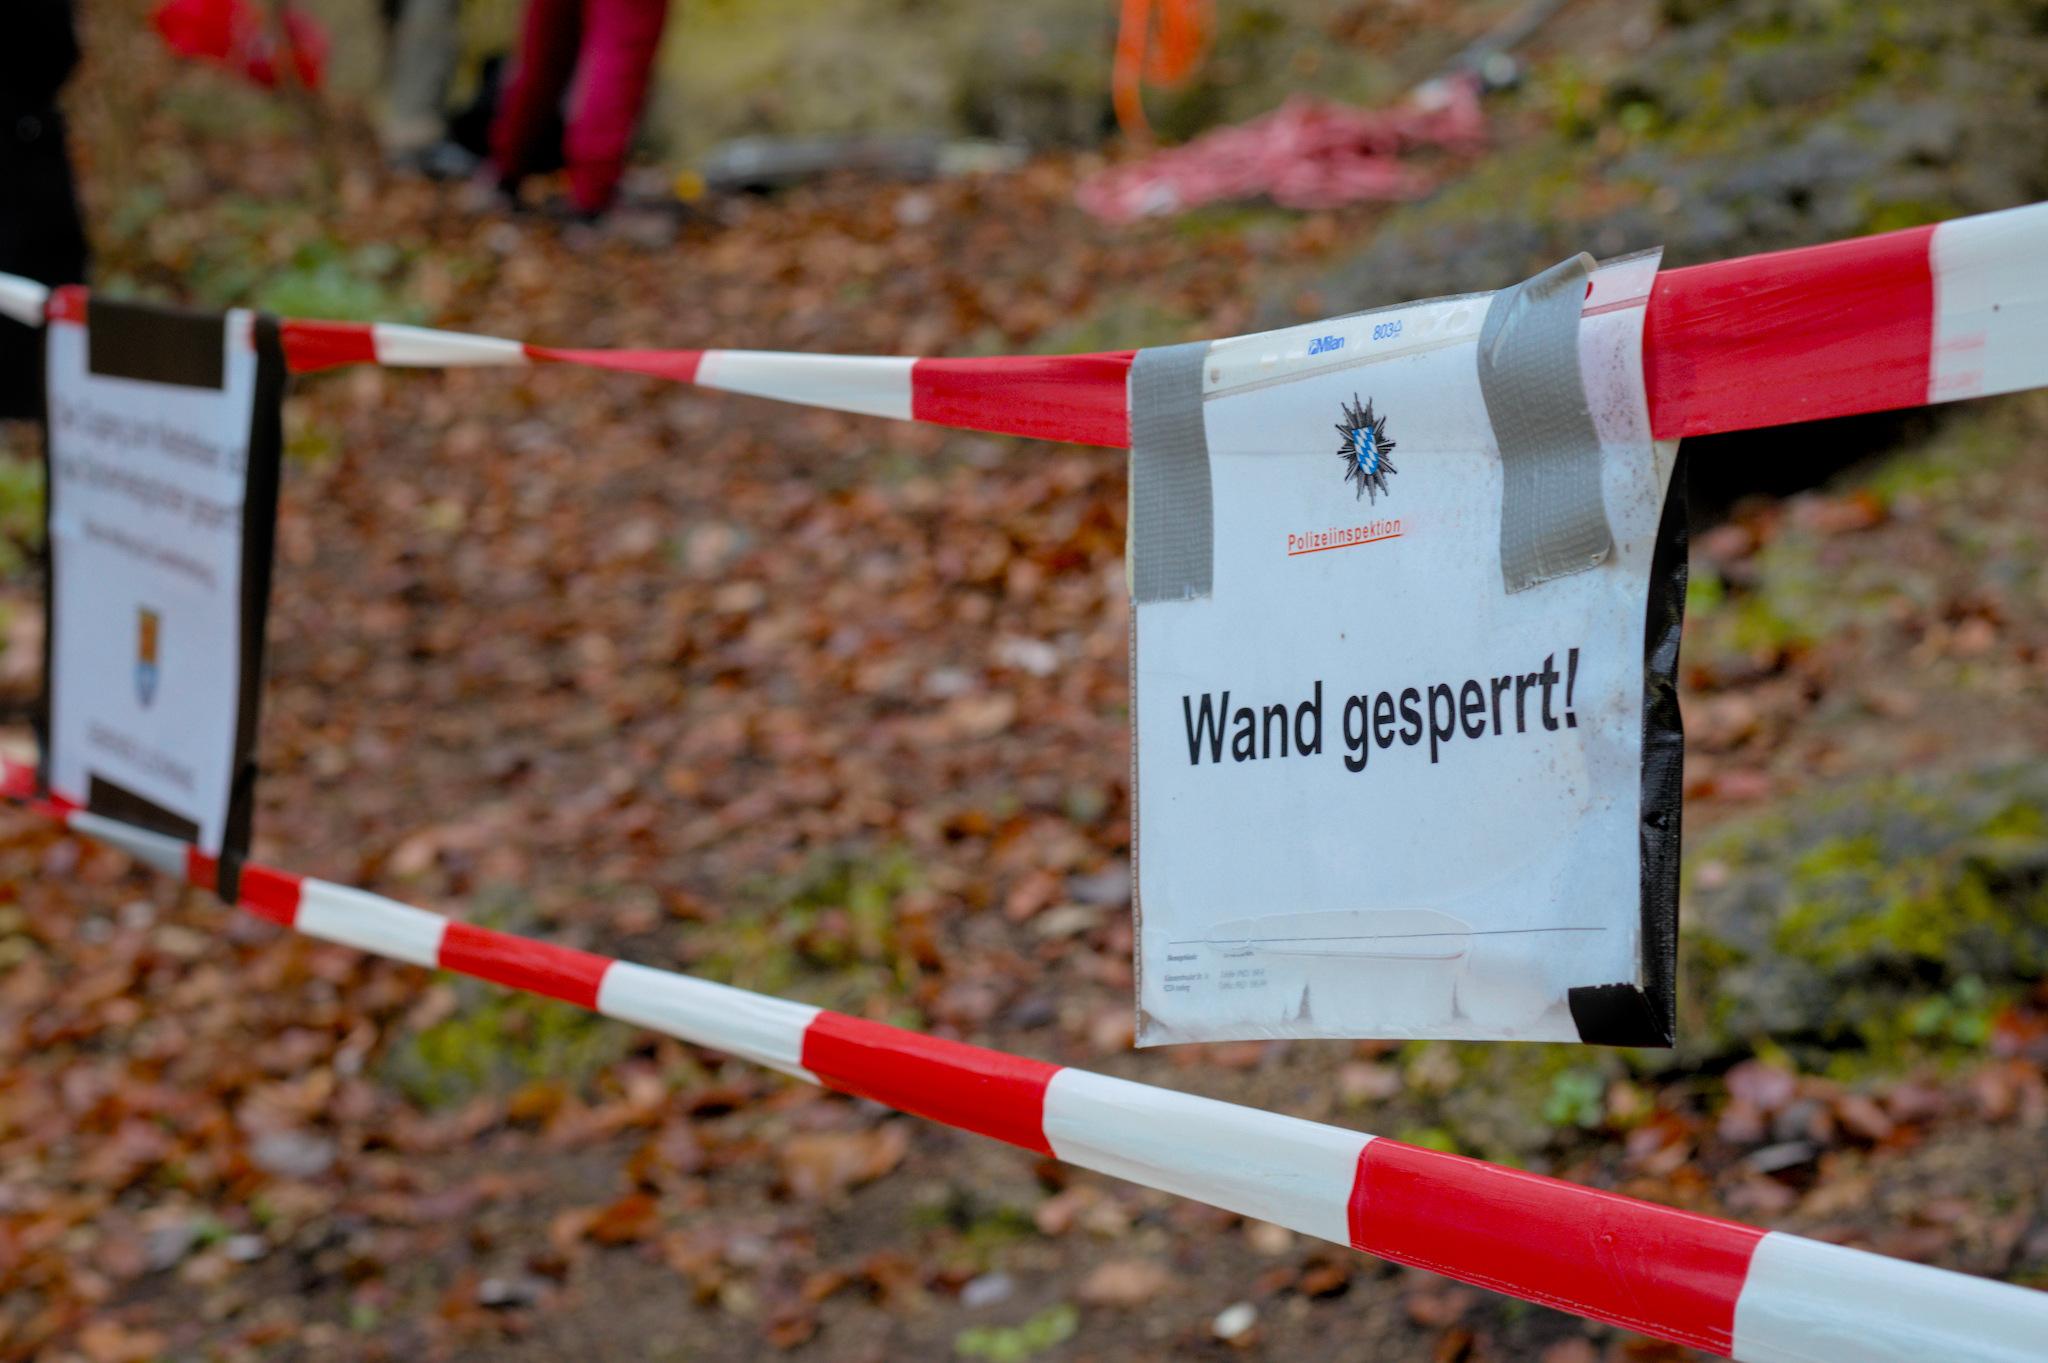 Update: Felsausbruch mit Umlenker an der Annasteinseite im Frankendorfer Klettergarten